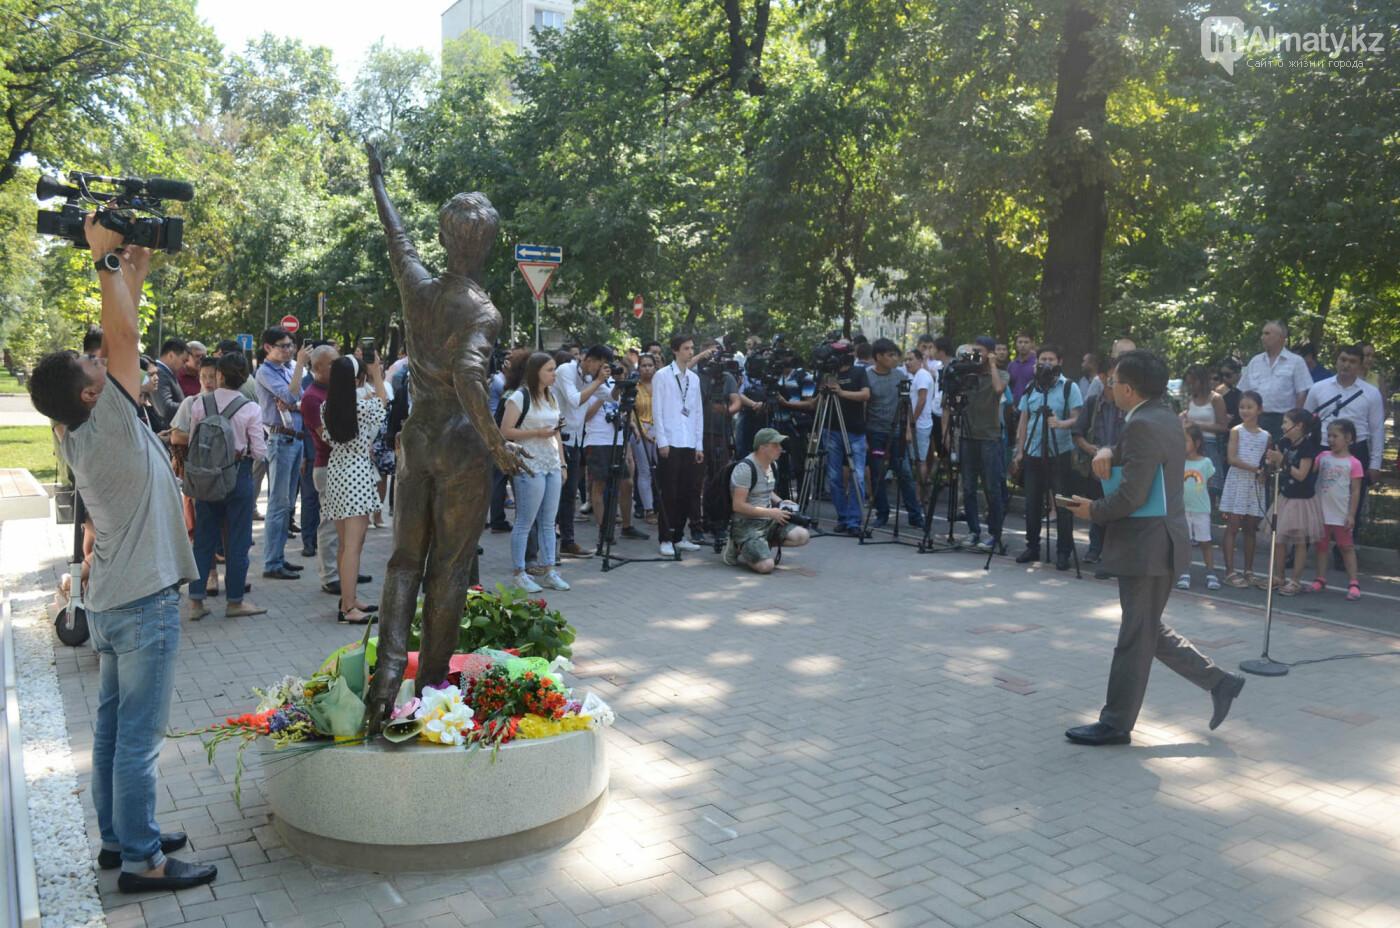 Родственники Дениса Тена и звезды фигурного катания почтили память фигуриста в Алматы, фото-11